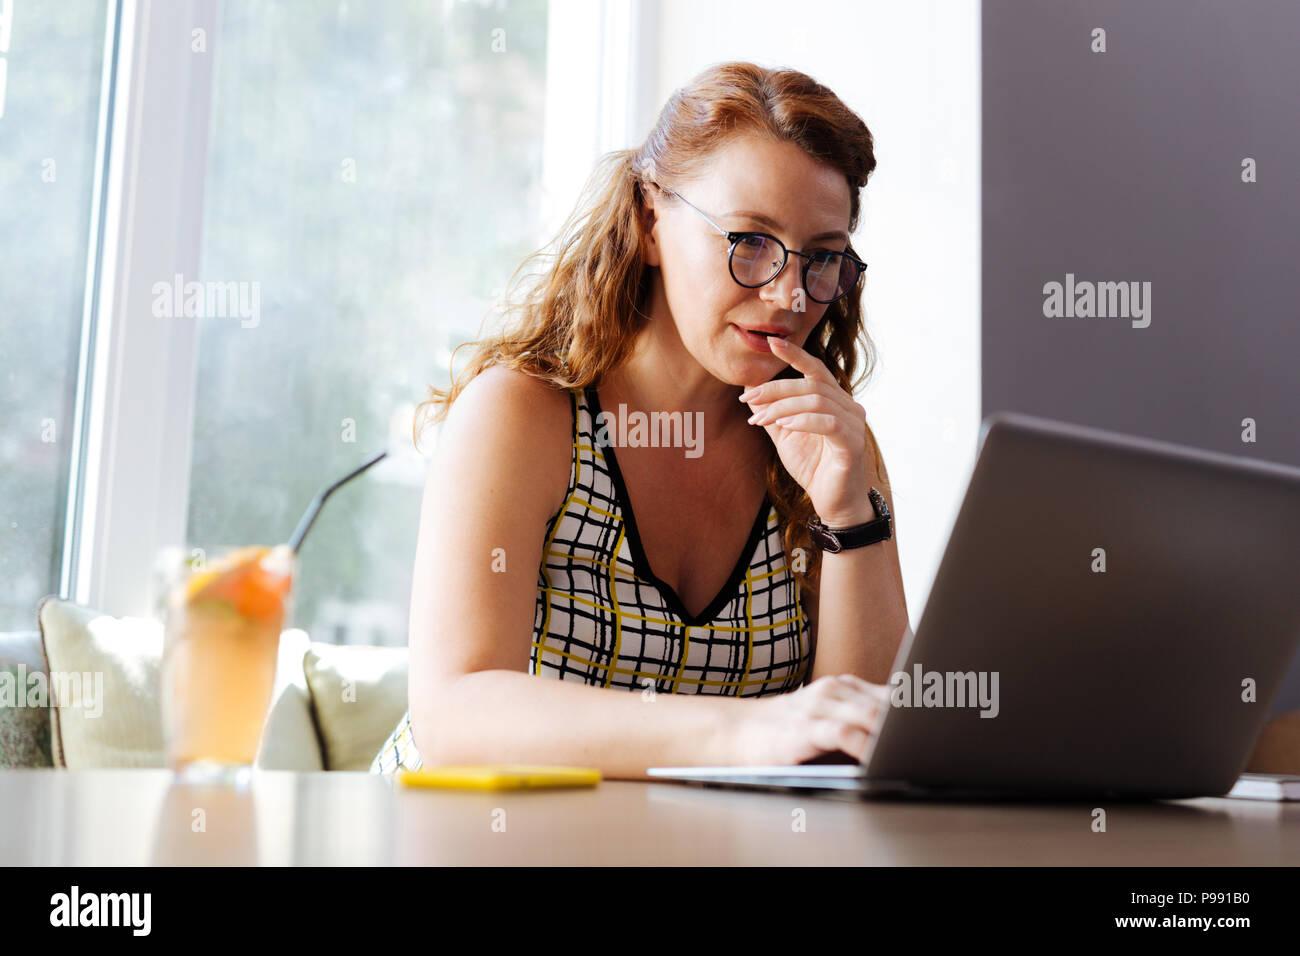 Belle rousse femme travailleur à distance sentiment réfléchi Photo Stock